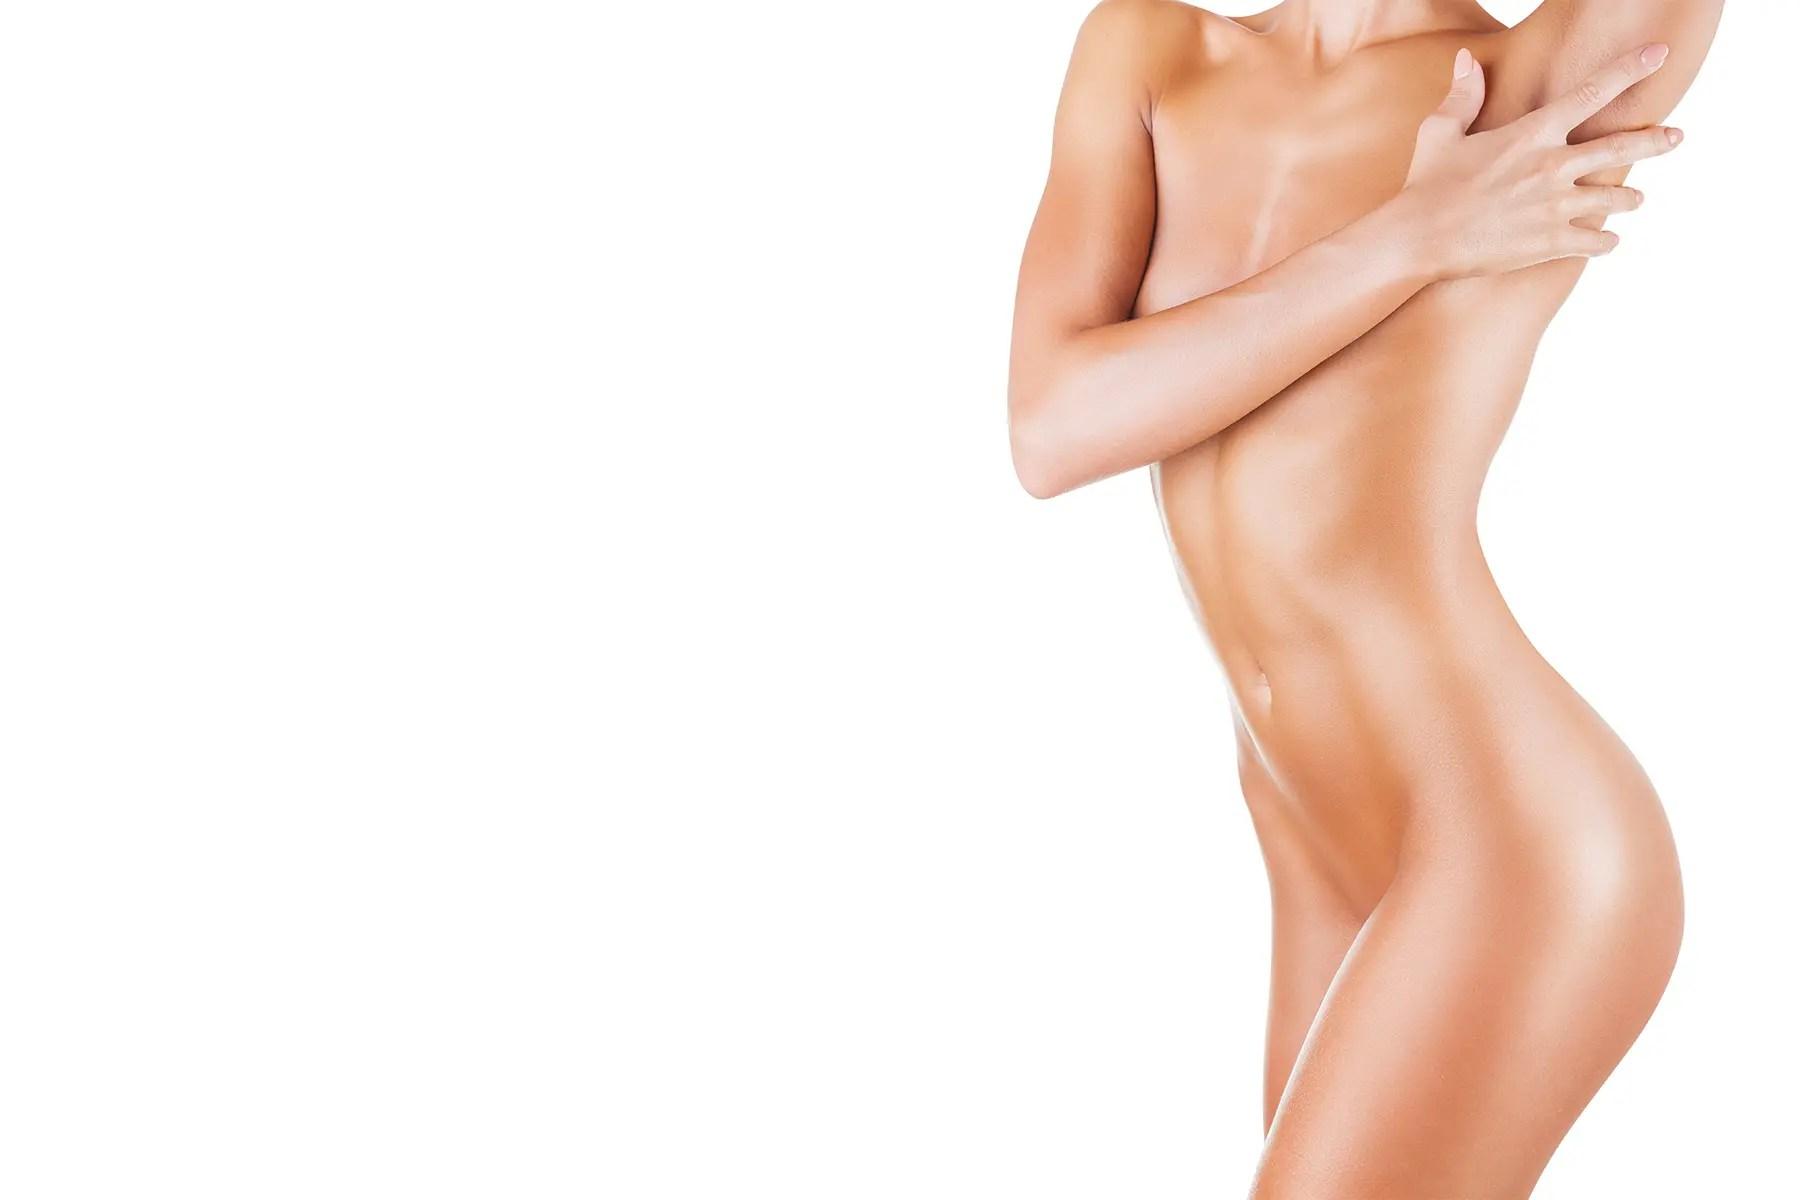 chirurgie esthétique de la silhouette Monaco Nice - Dr Gasnier